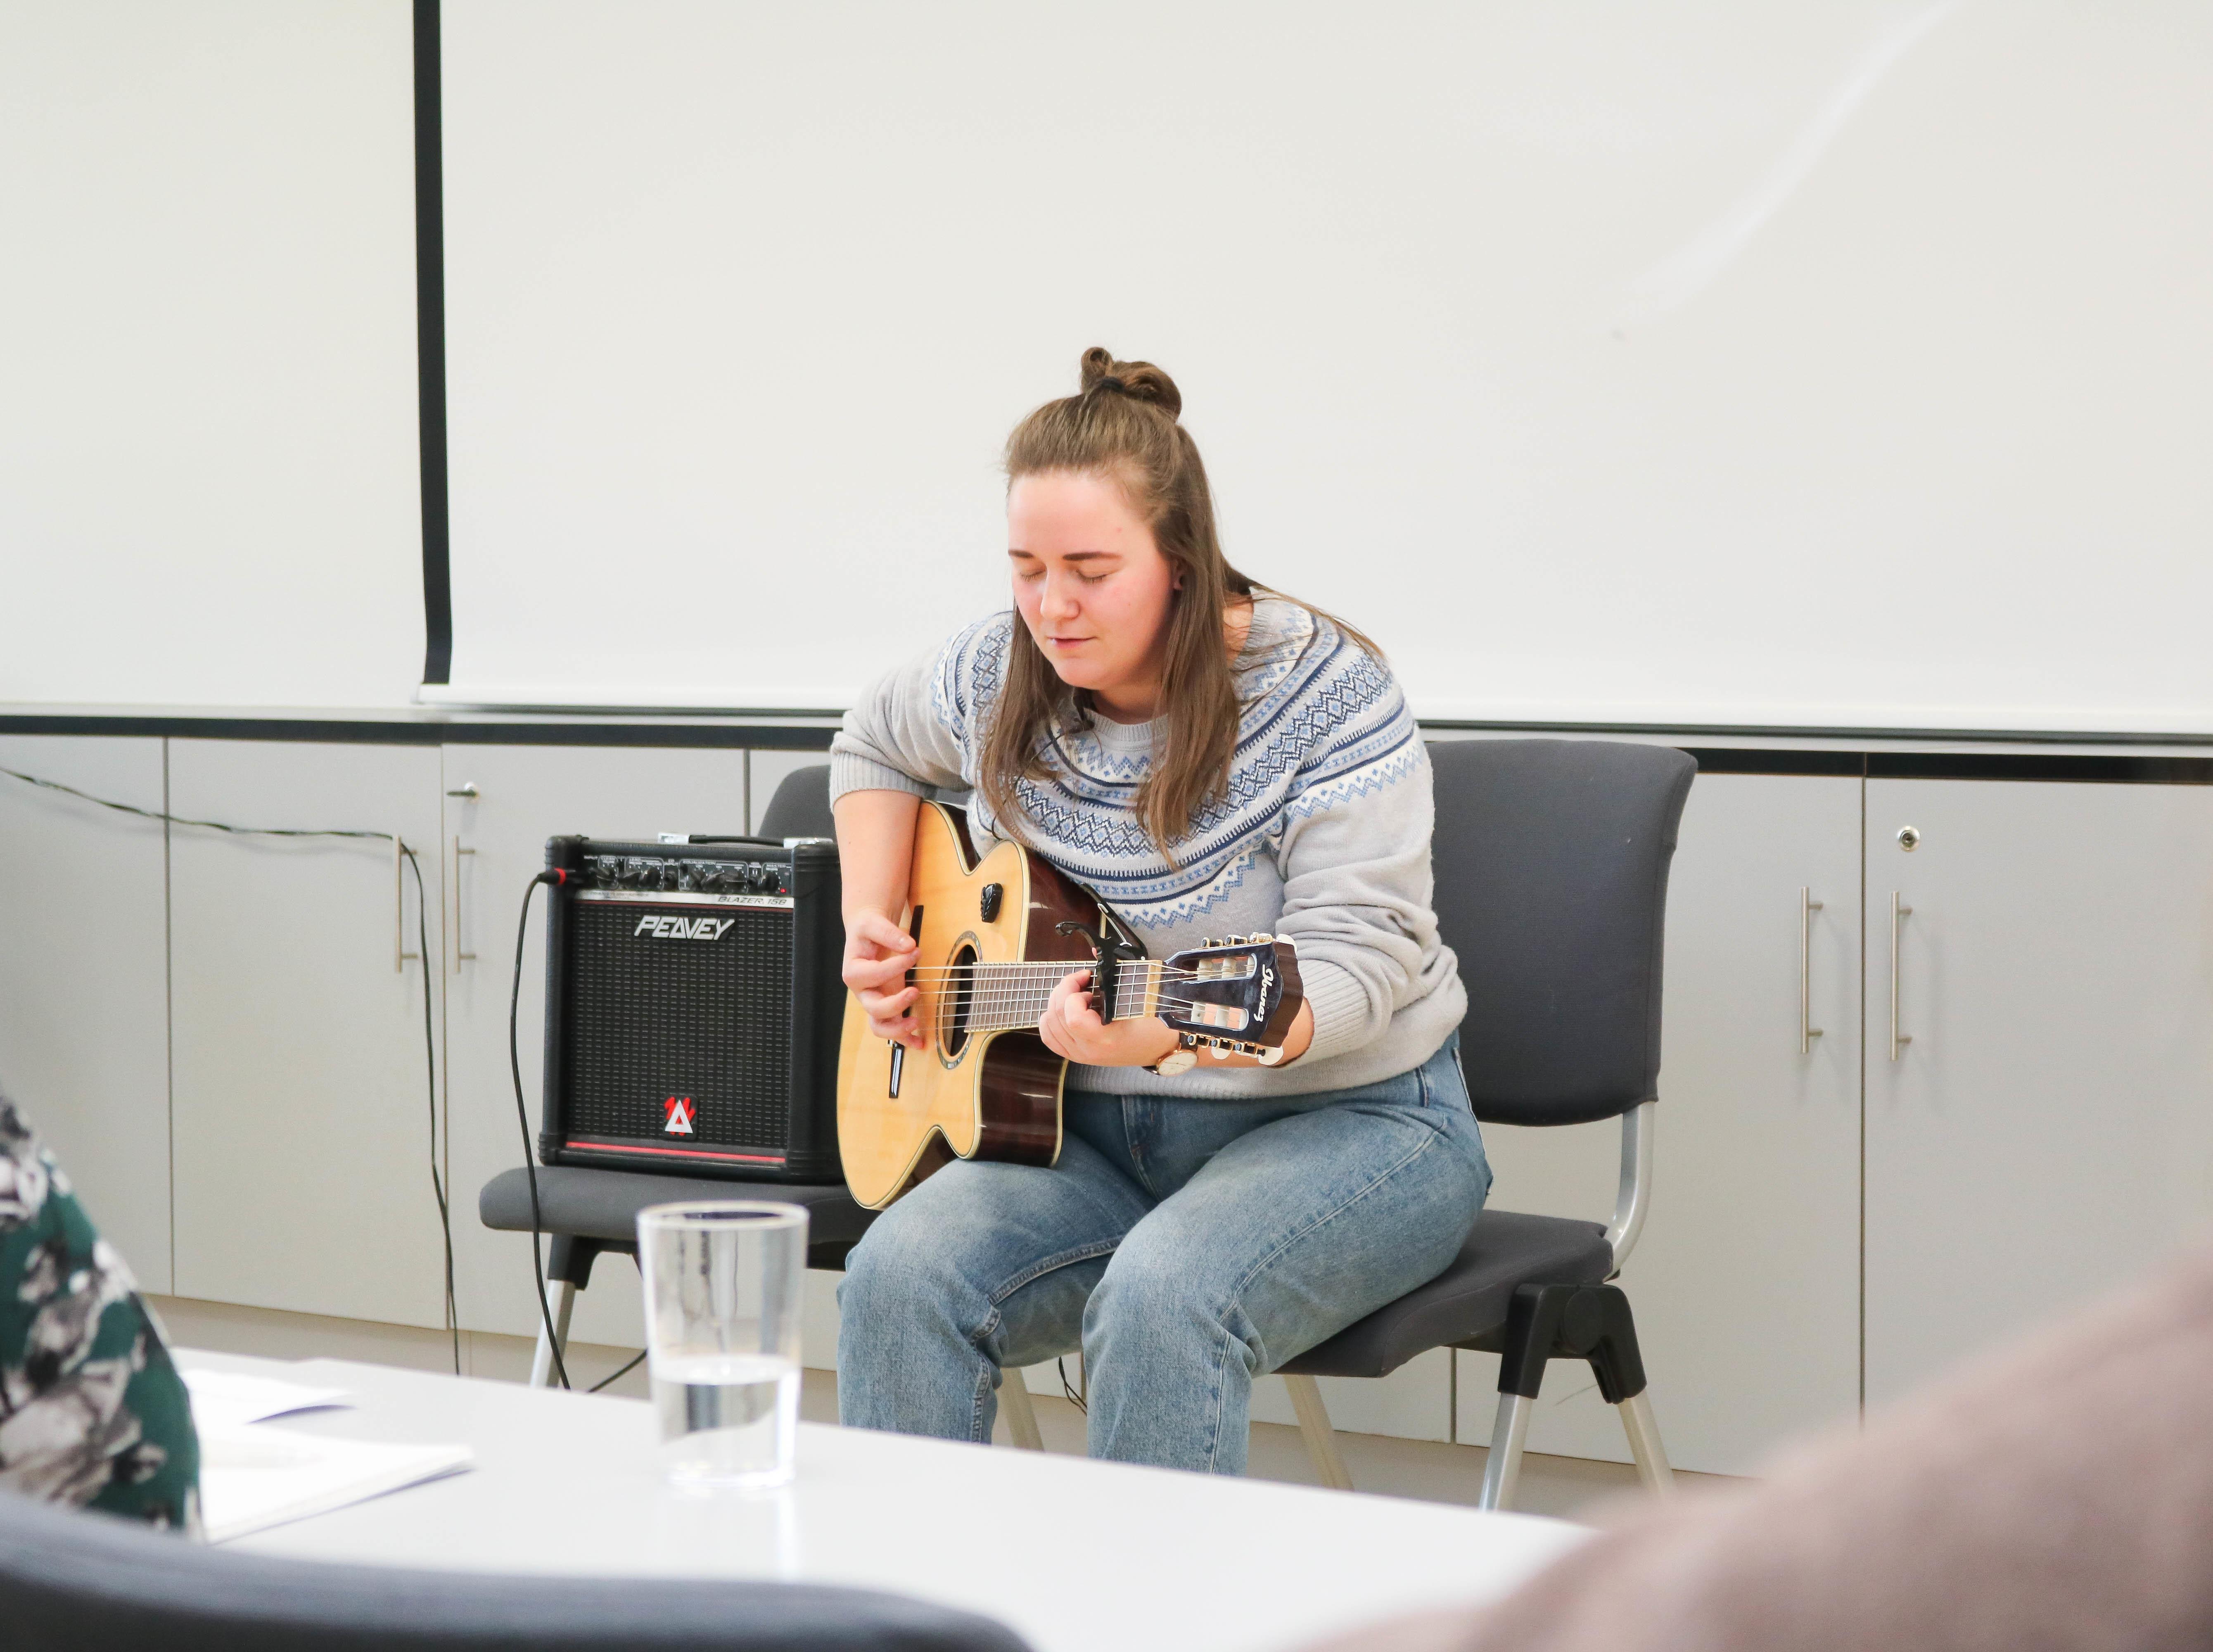 En kvinne med grå genser sitter på en stol og spiller på en gitar mens hun synger med lukkede øyne.